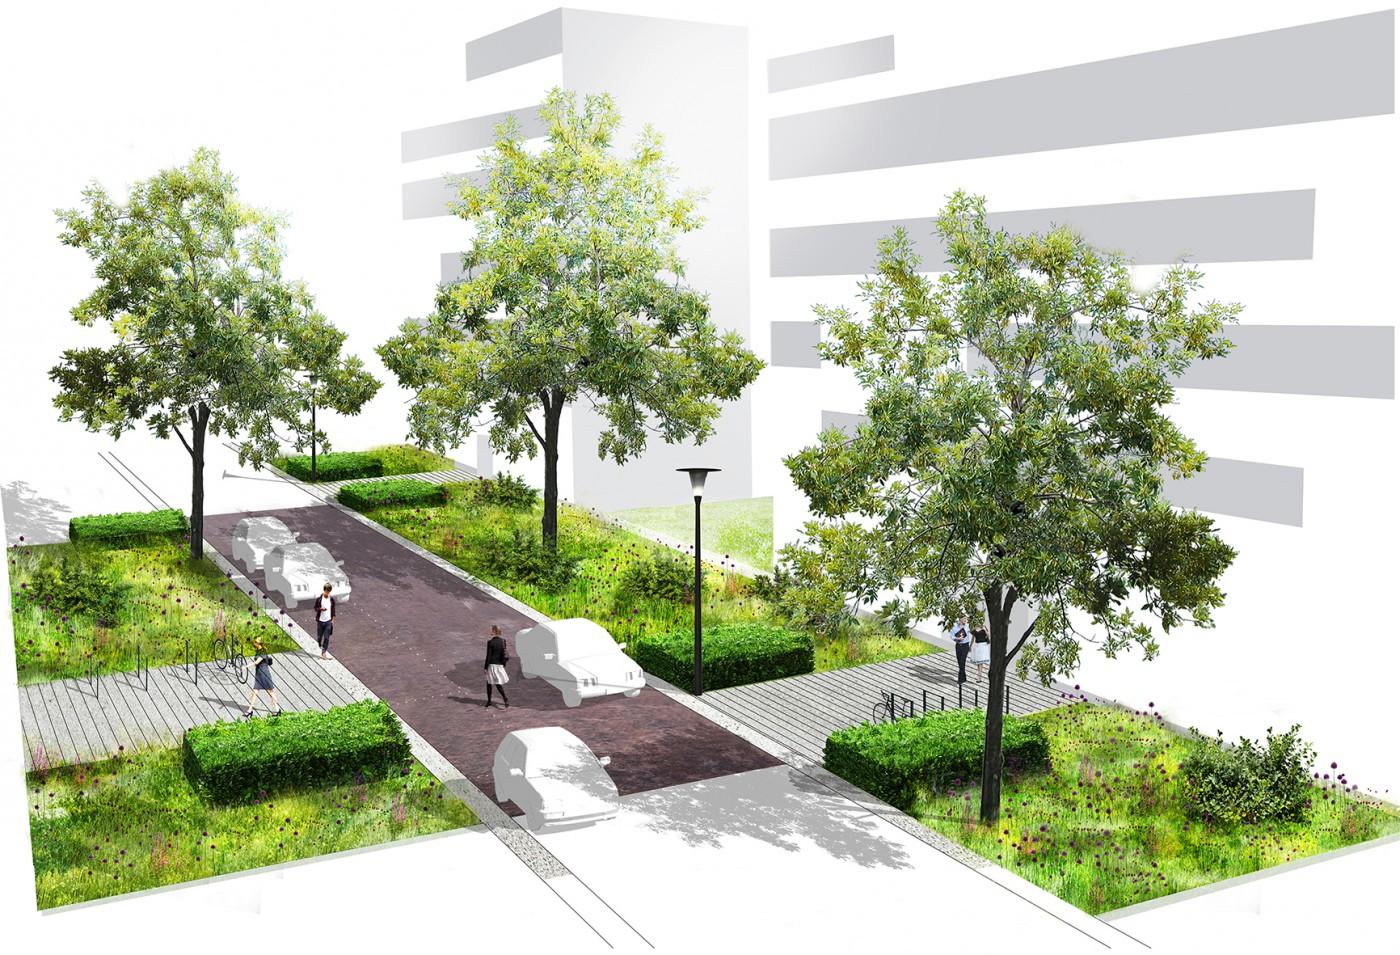 buro-sant-en-co-landschapsarchitectuur-overhoeks-amsterdam-woonomgeving-ontwerp-buitenruimte-principeprofiel-paden